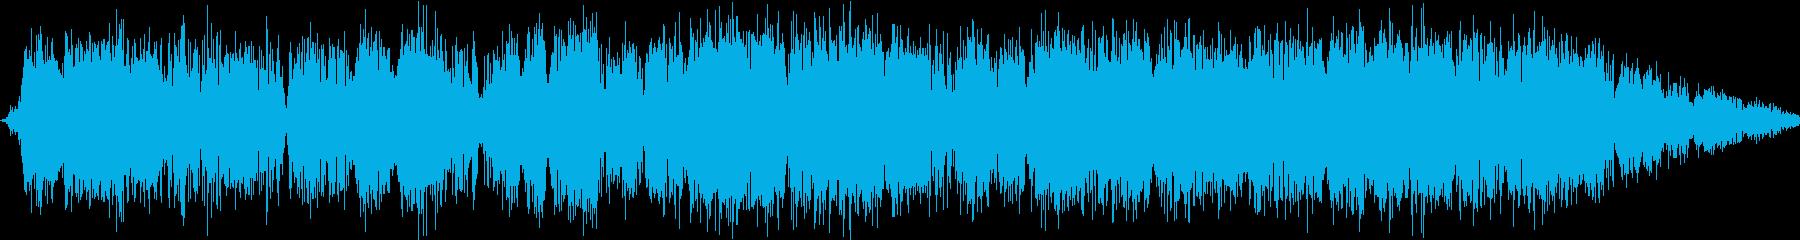 金属中空周波数通信干渉の再生済みの波形